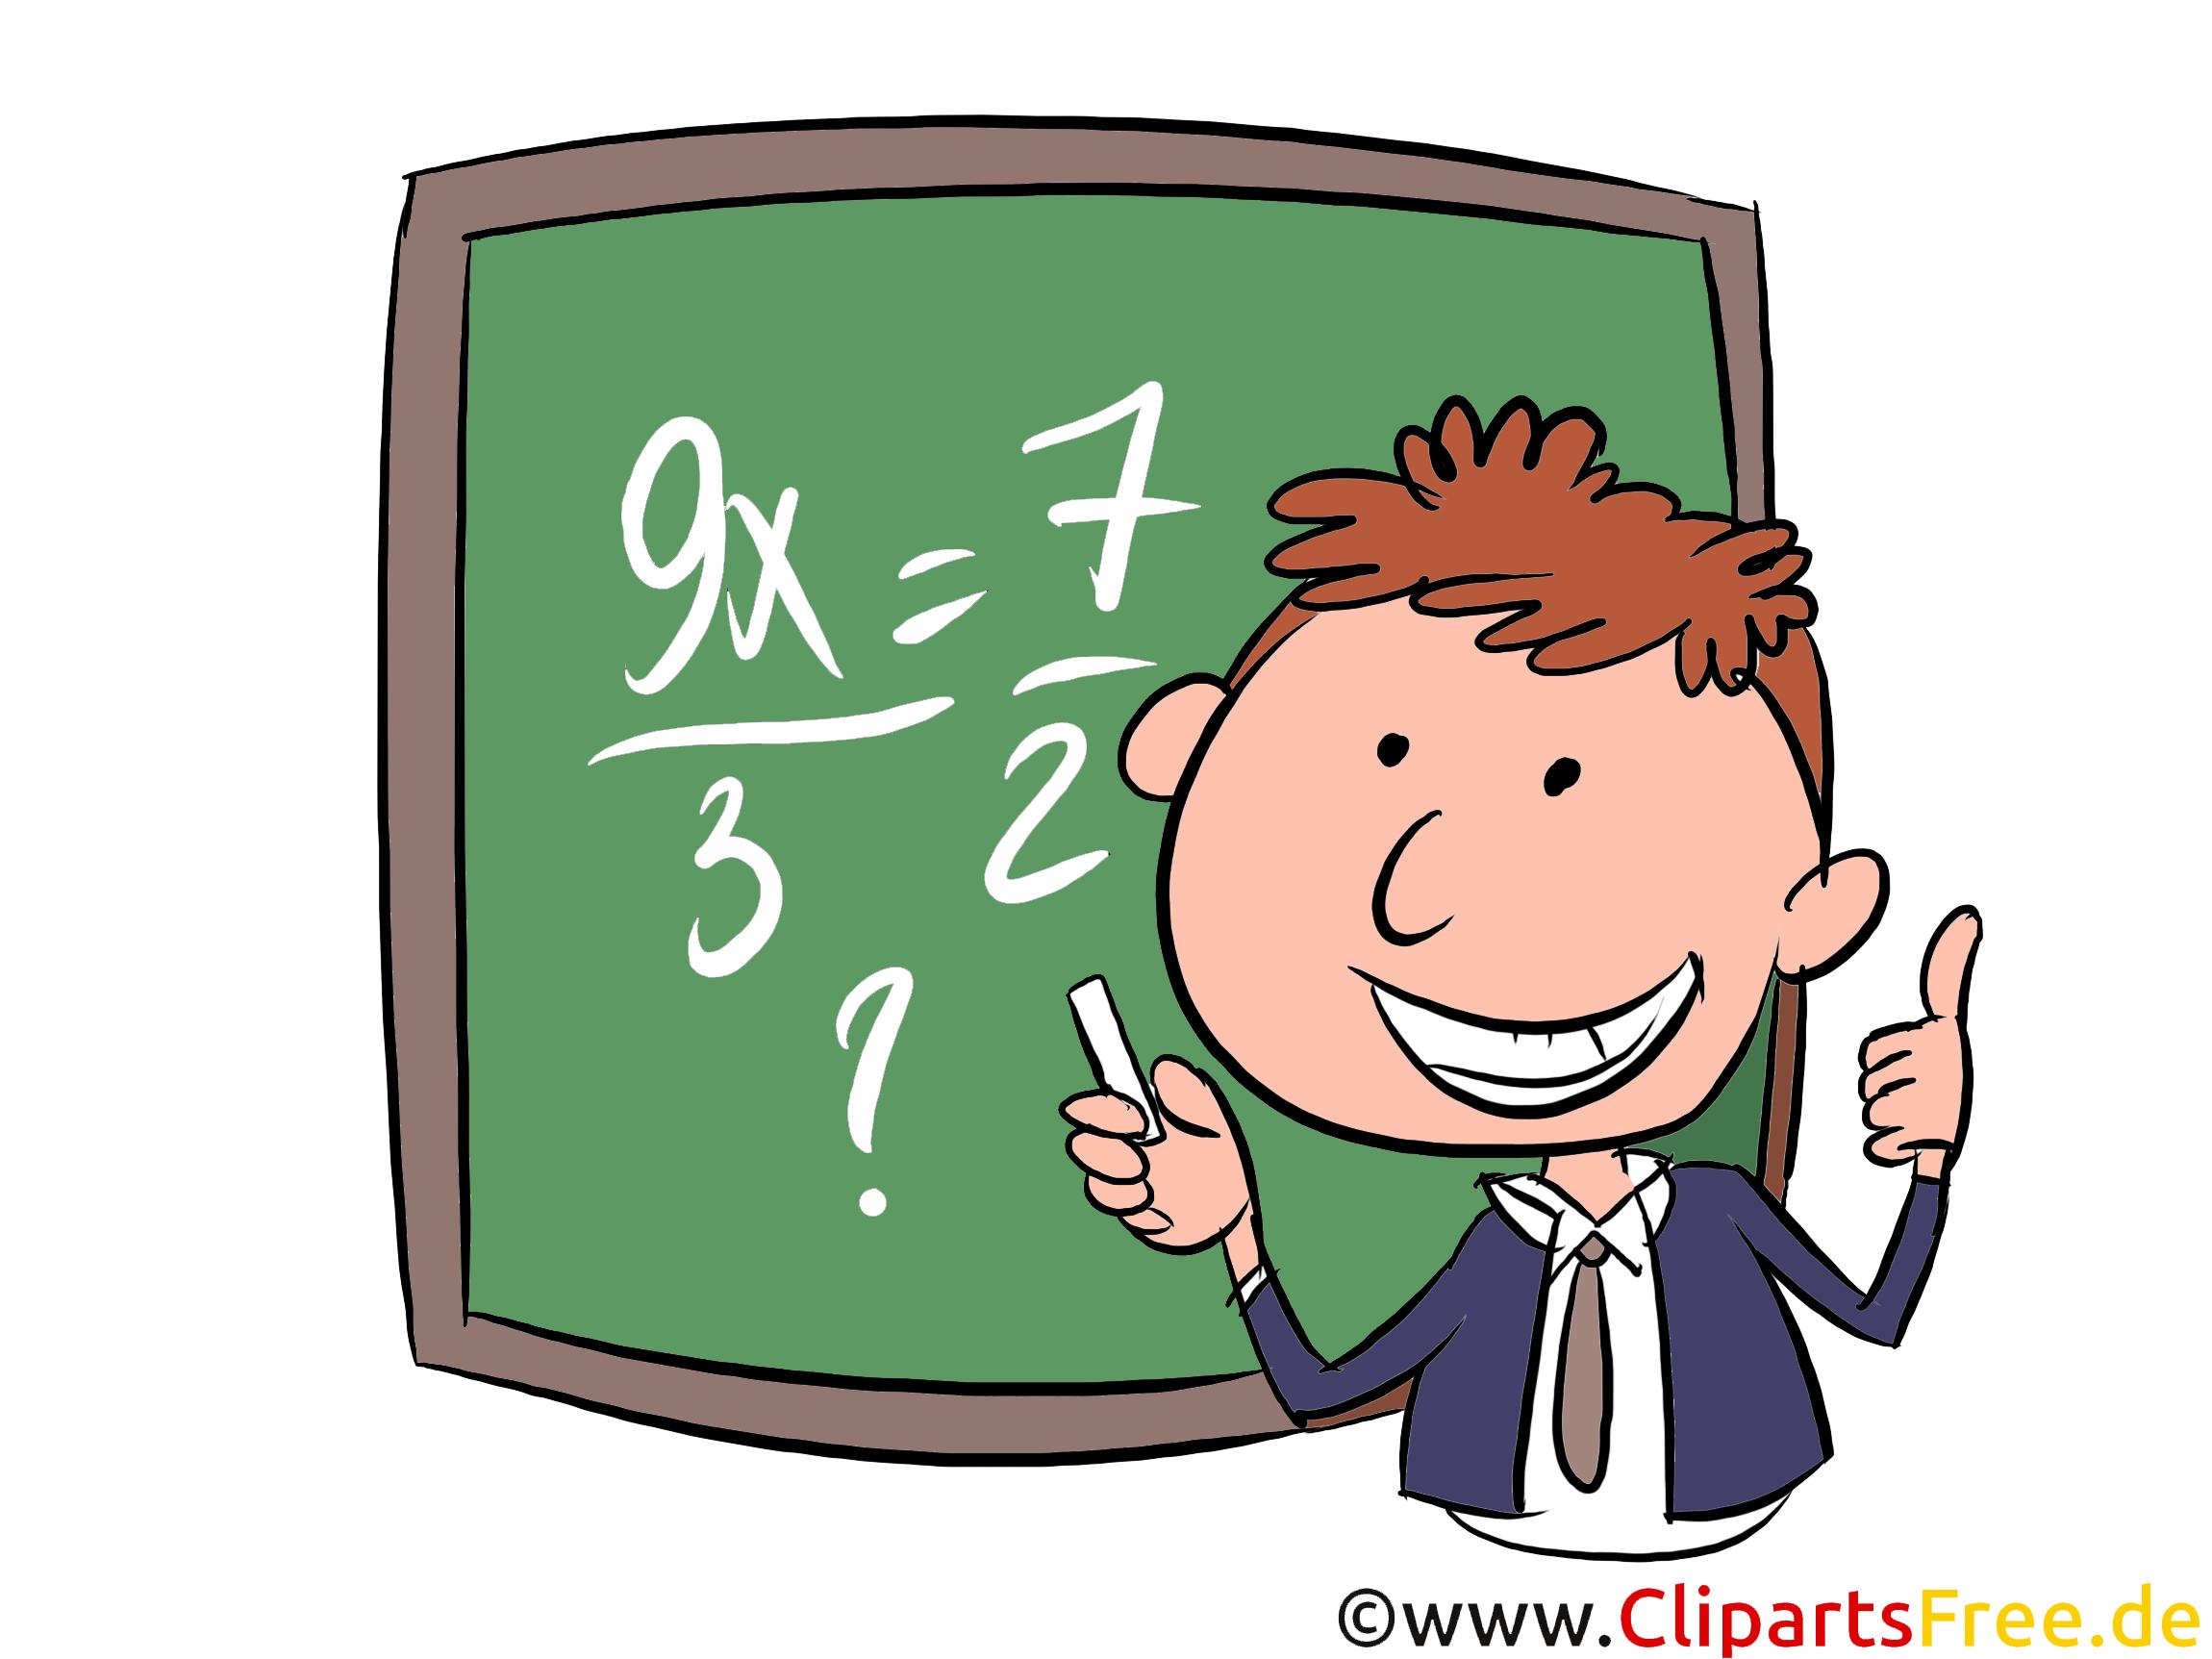 Mathematk in der Schule Clipart, Bild, Illustration